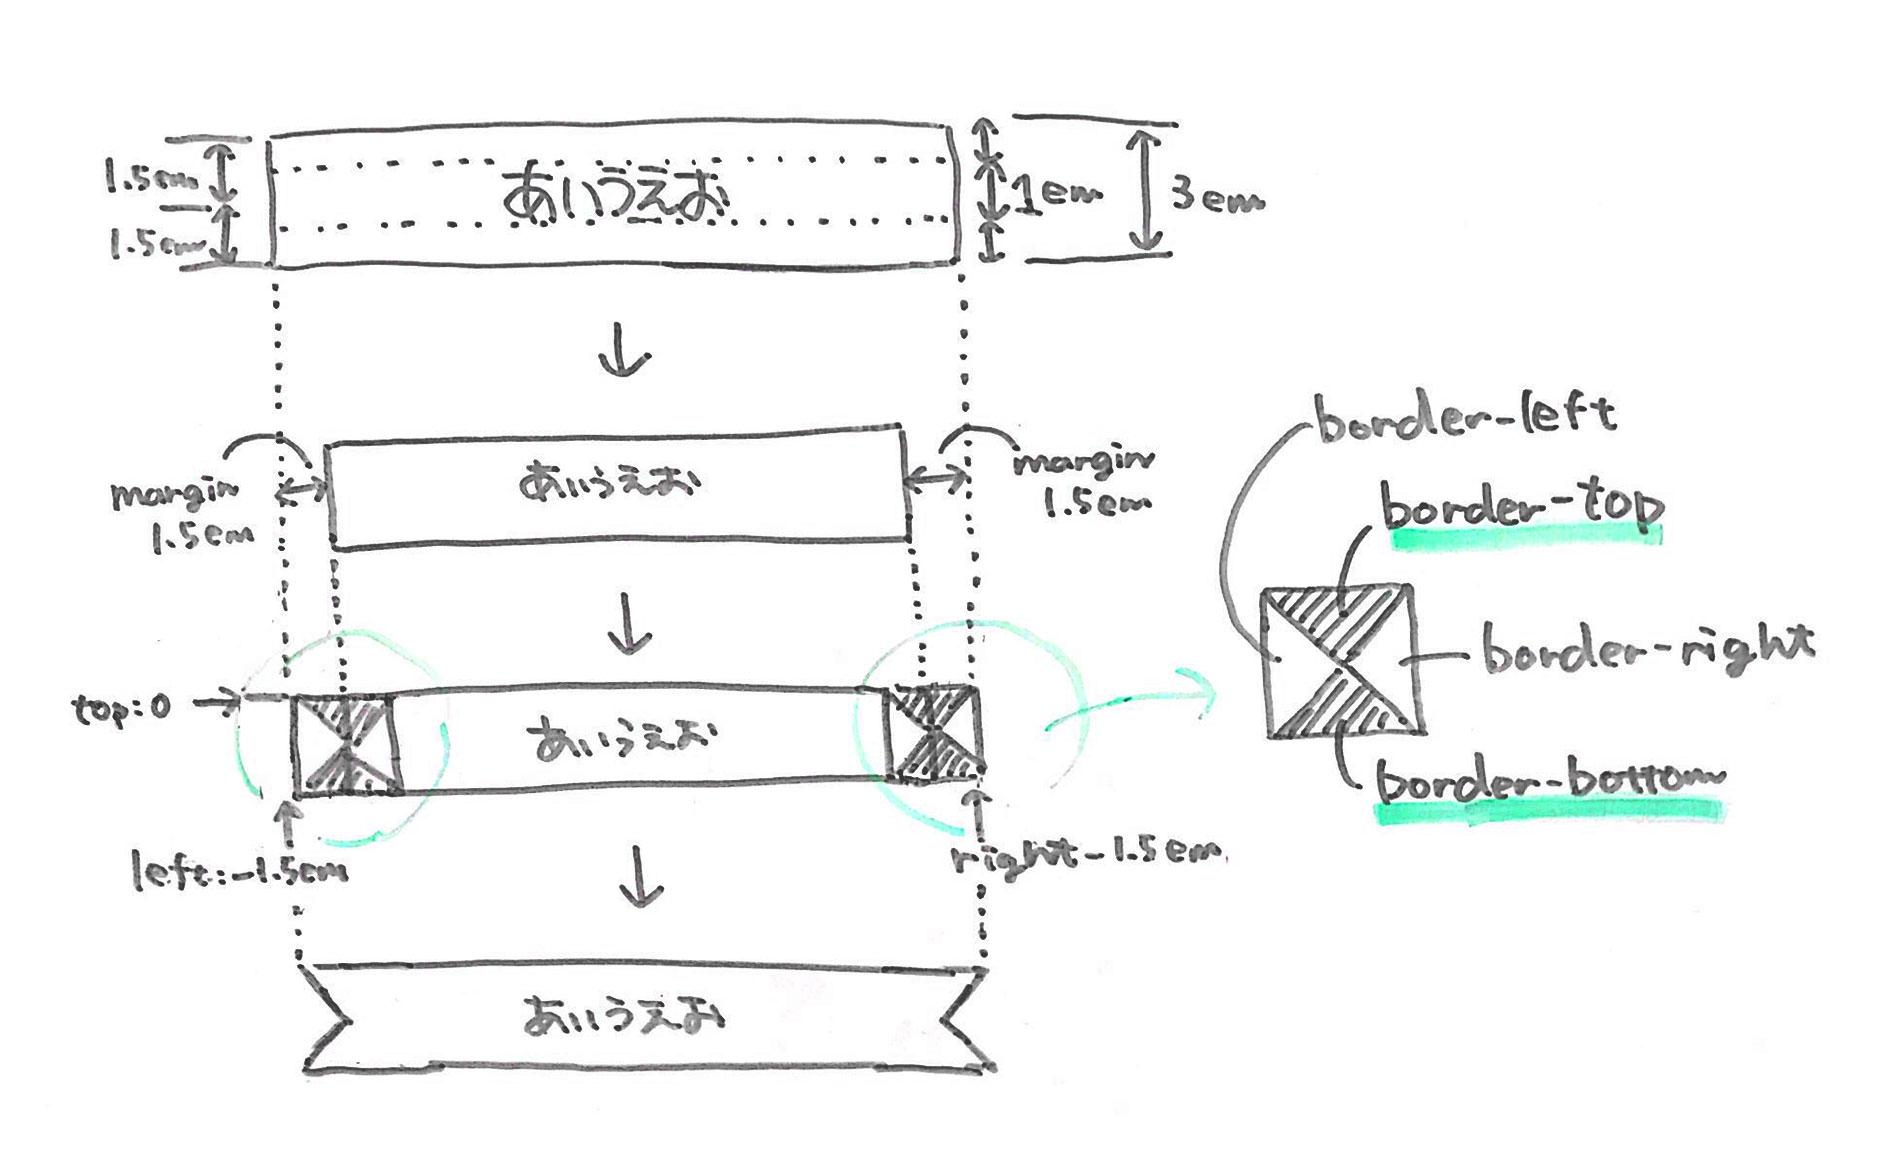 リボン風見出しCSSの解説図